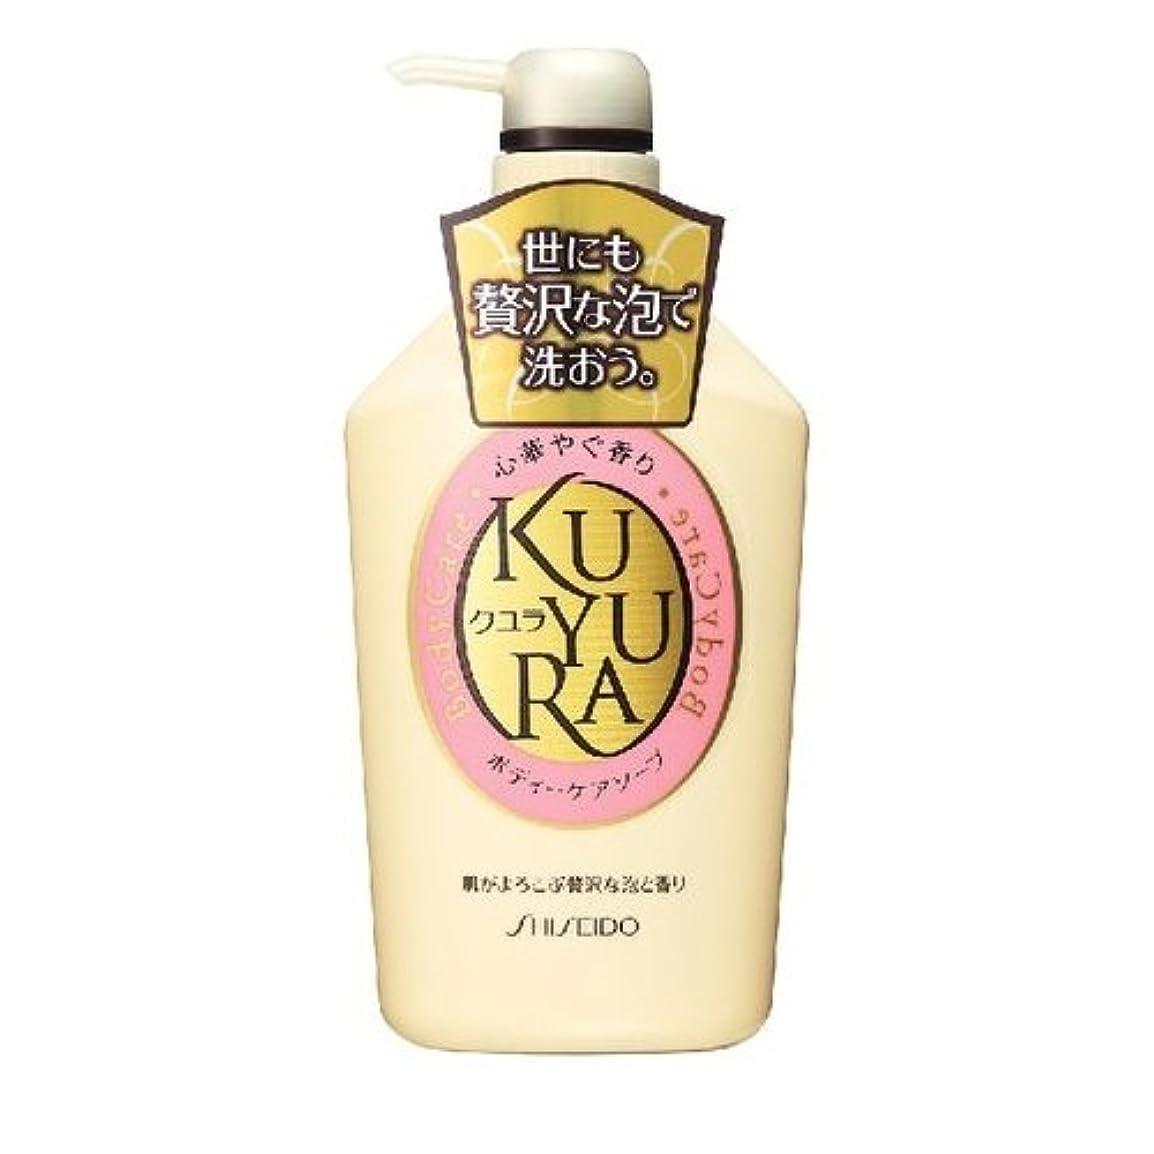 不規則性炎上署名クユラ ボディケアソープ 心華やぐ香り ジャンボサイズ550ml